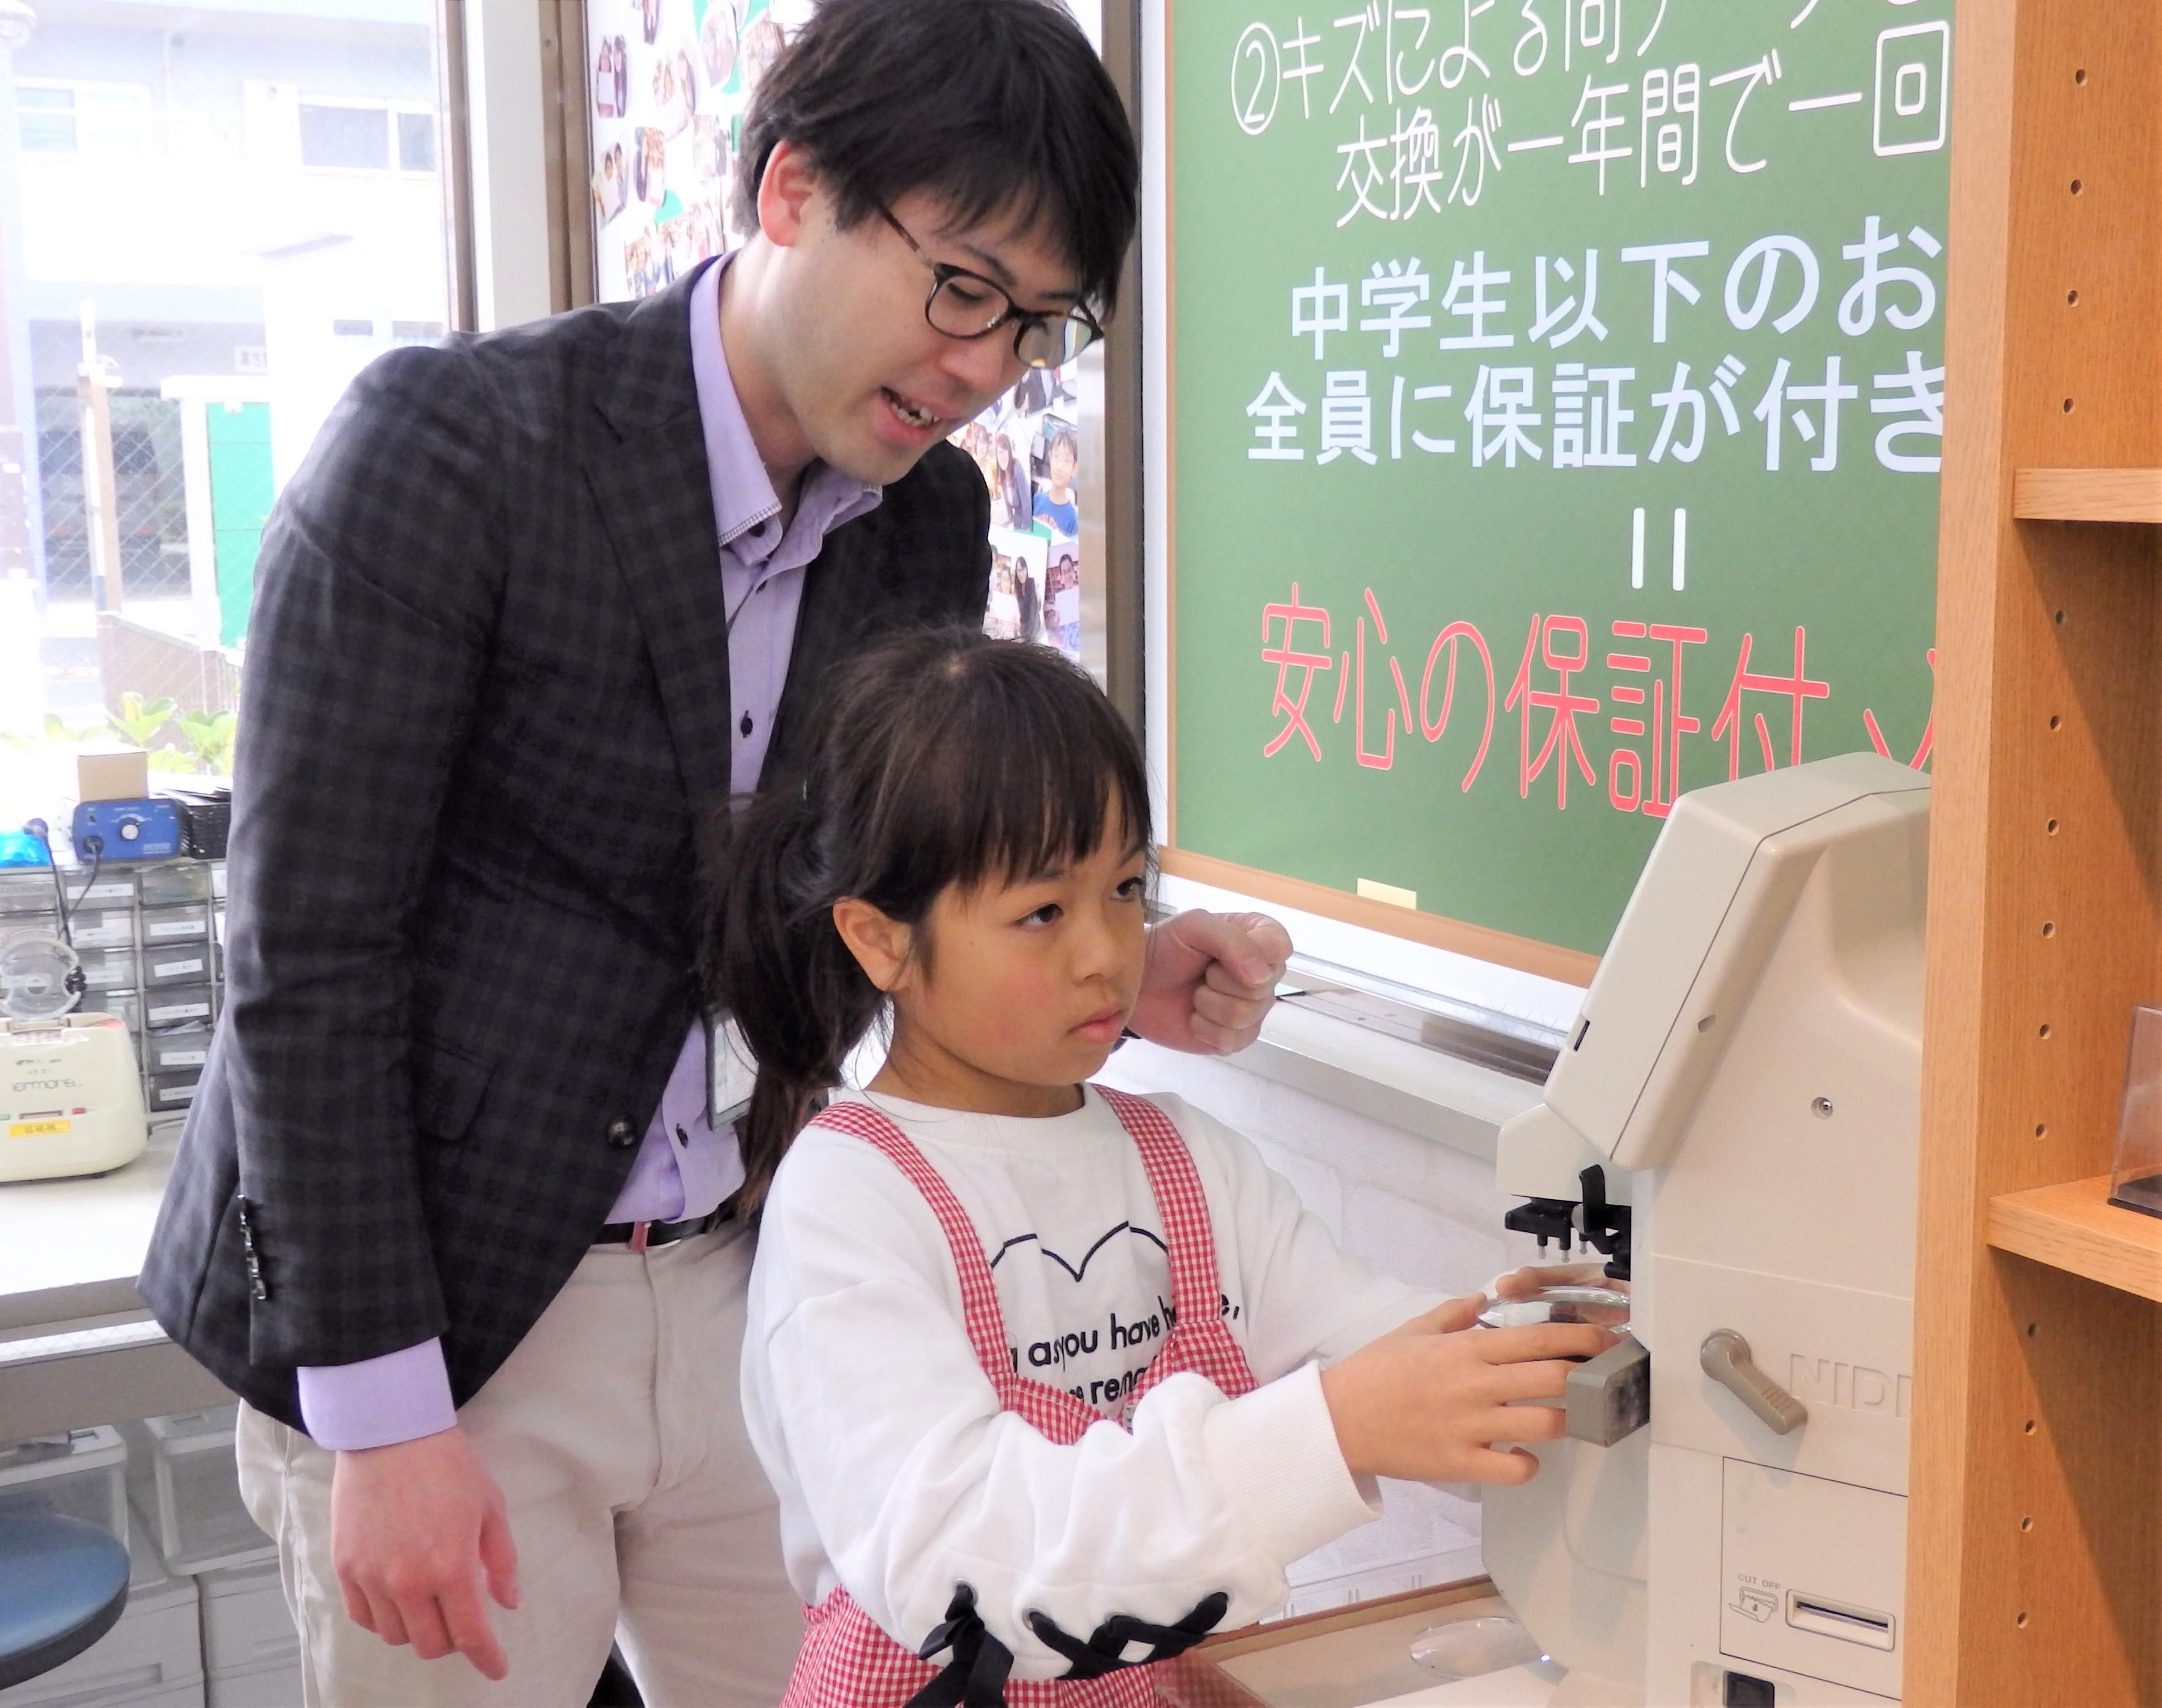 子供メガネ 子供眼鏡 こどもメガネ 東京都 江戸川区 専門店 omodok オモドック